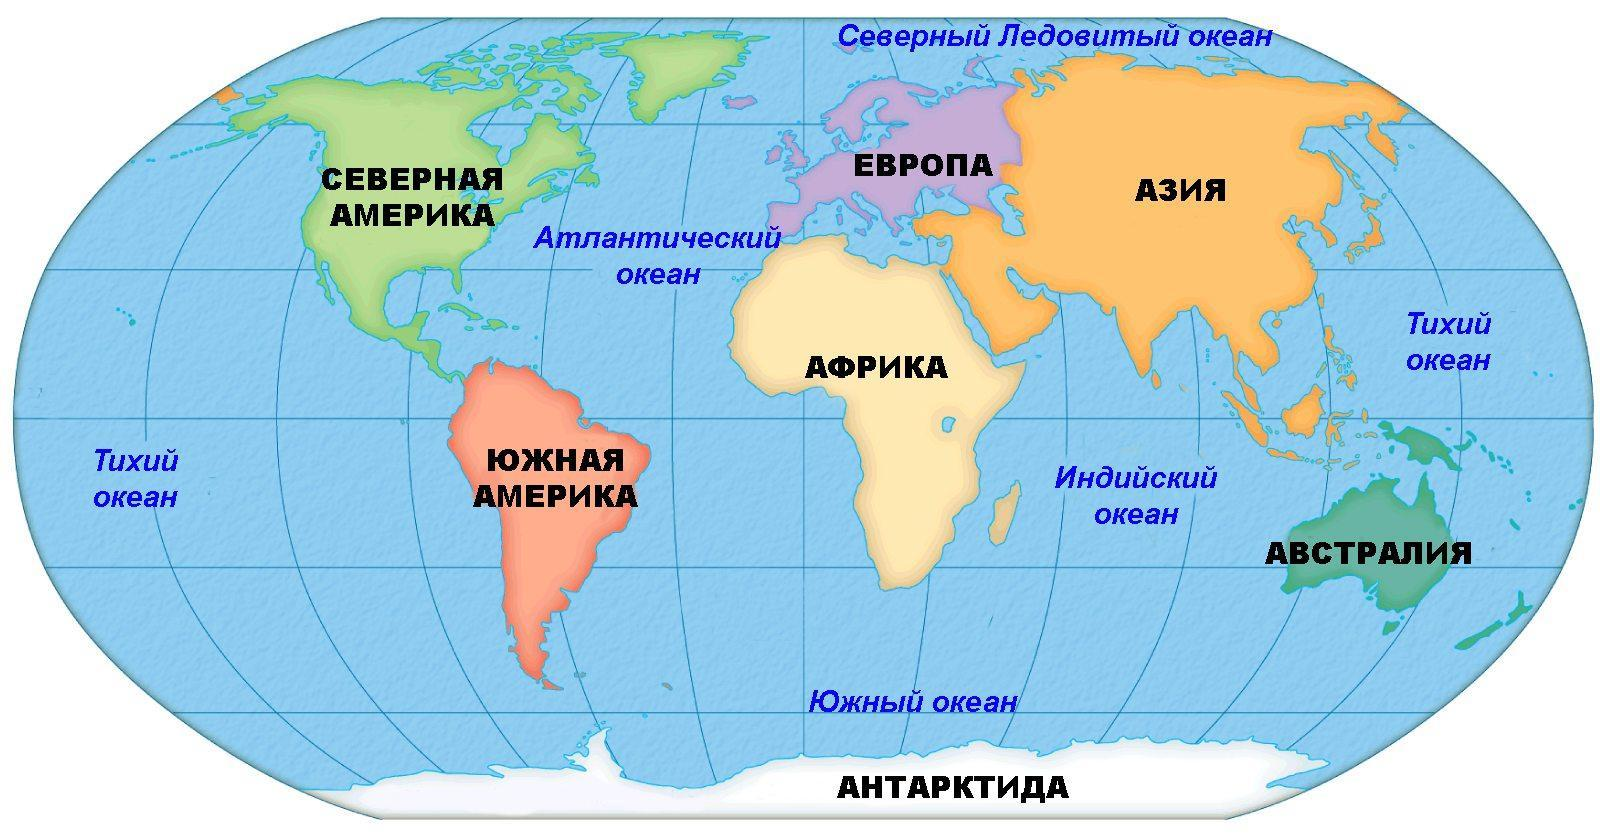 Сколько и какие океаны есть на Земле: карта, названия, описание и подводный мир 2